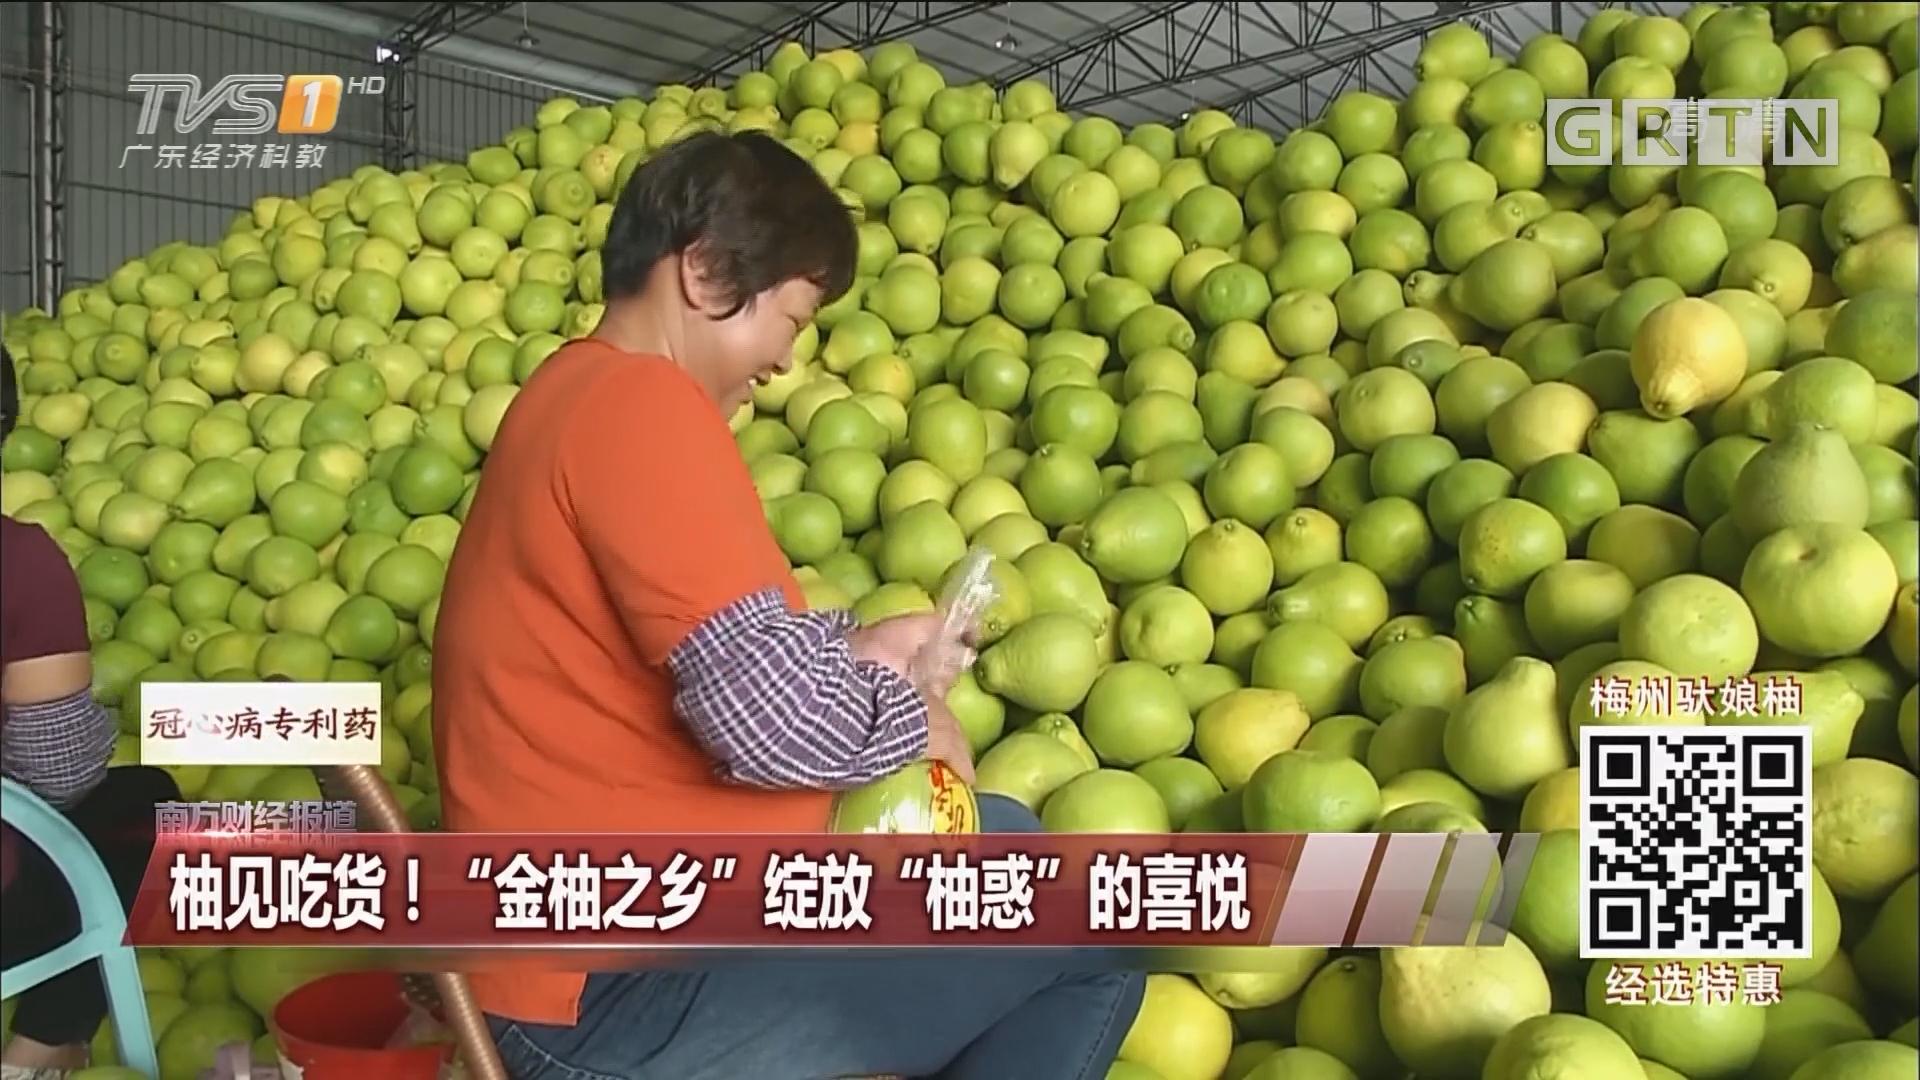 """柚见吃货!""""金柚之乡""""绽放""""柚惑""""的喜悦"""